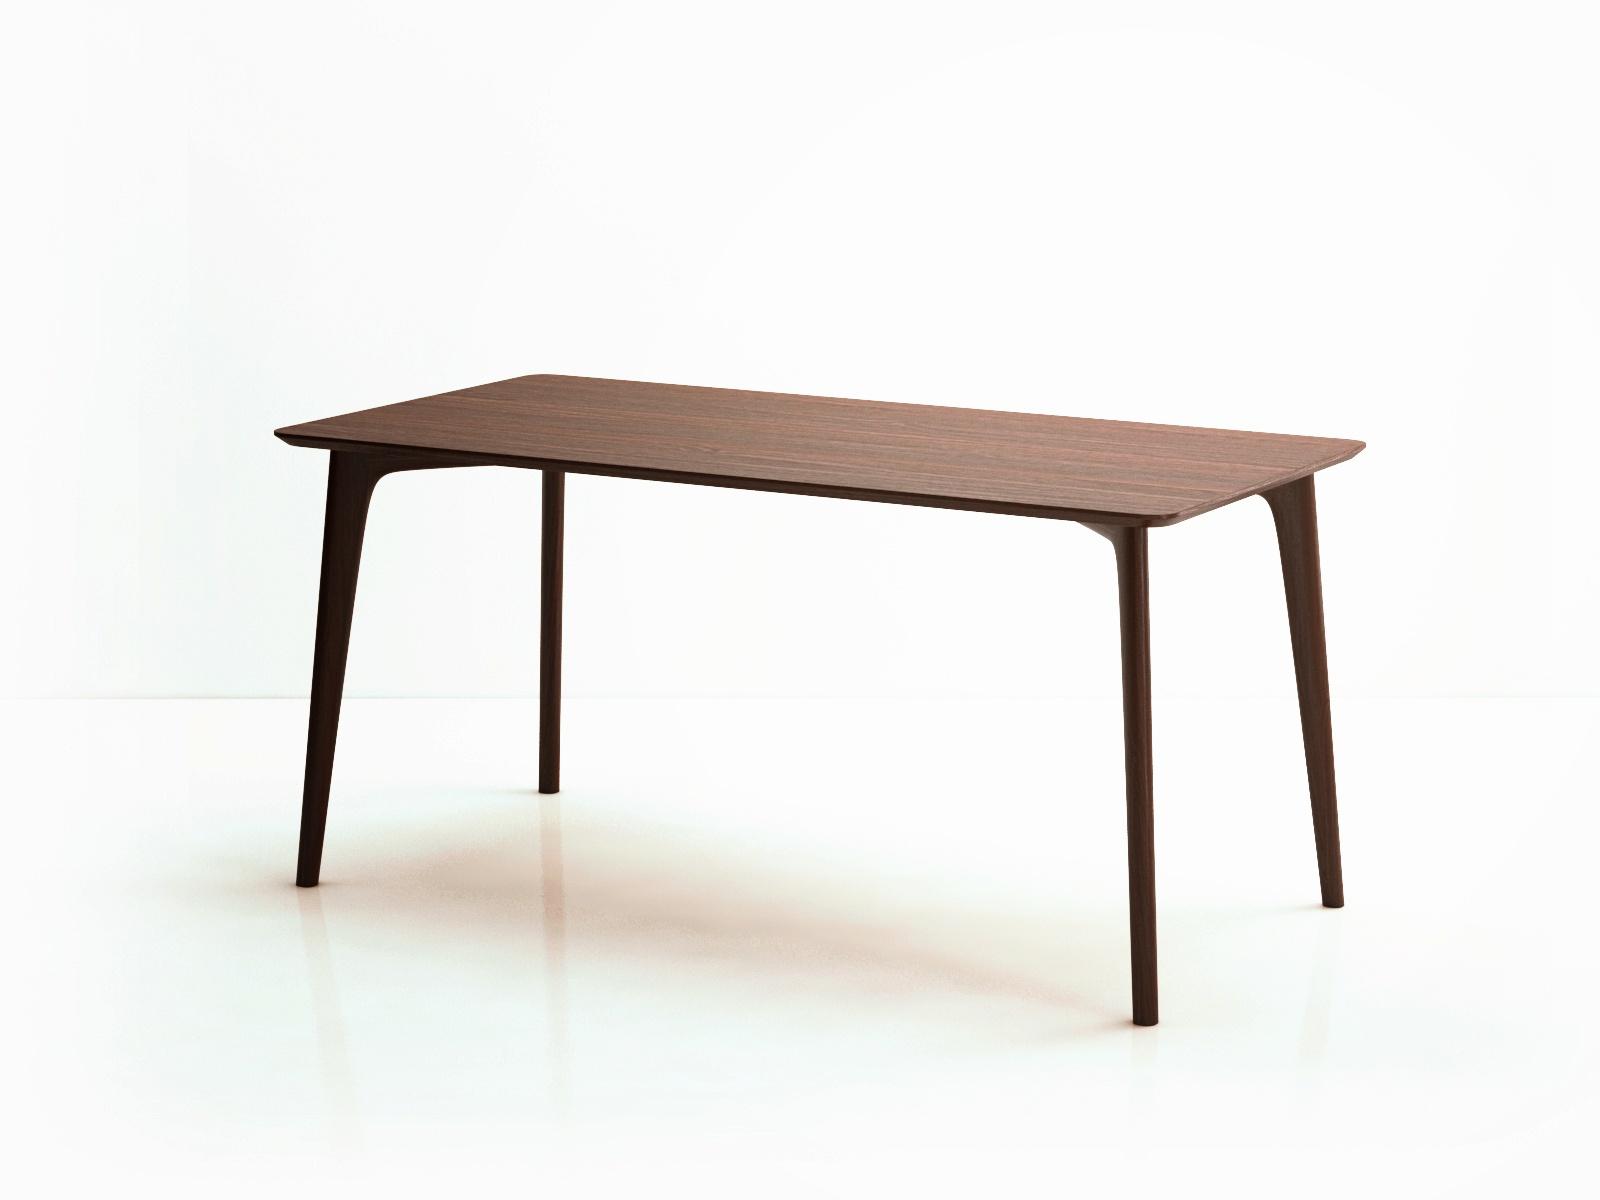 Обеденный стол IGGYОбеденные столы<br>Обеденный стол IGGY- это лаконичный дизайн, изящные, эргономичные формы и благородство фактуры дерева.<br>Ножки выполнены из массива дуба и отвечают за его прочность и устойчивость.<br>Столешница - шпонированный дуб.<br>Размеры стола позволяют комфортно расположится большому количеству людей.<br>Стол IGGY доступен в пяти видах отделки: светлый дуб, темный дуб, дуб венге, беленый дуб, дуб орех.<br><br>Material: Дуб<br>Ширина см: 160<br>Высота см: 80<br>Глубина см: 75